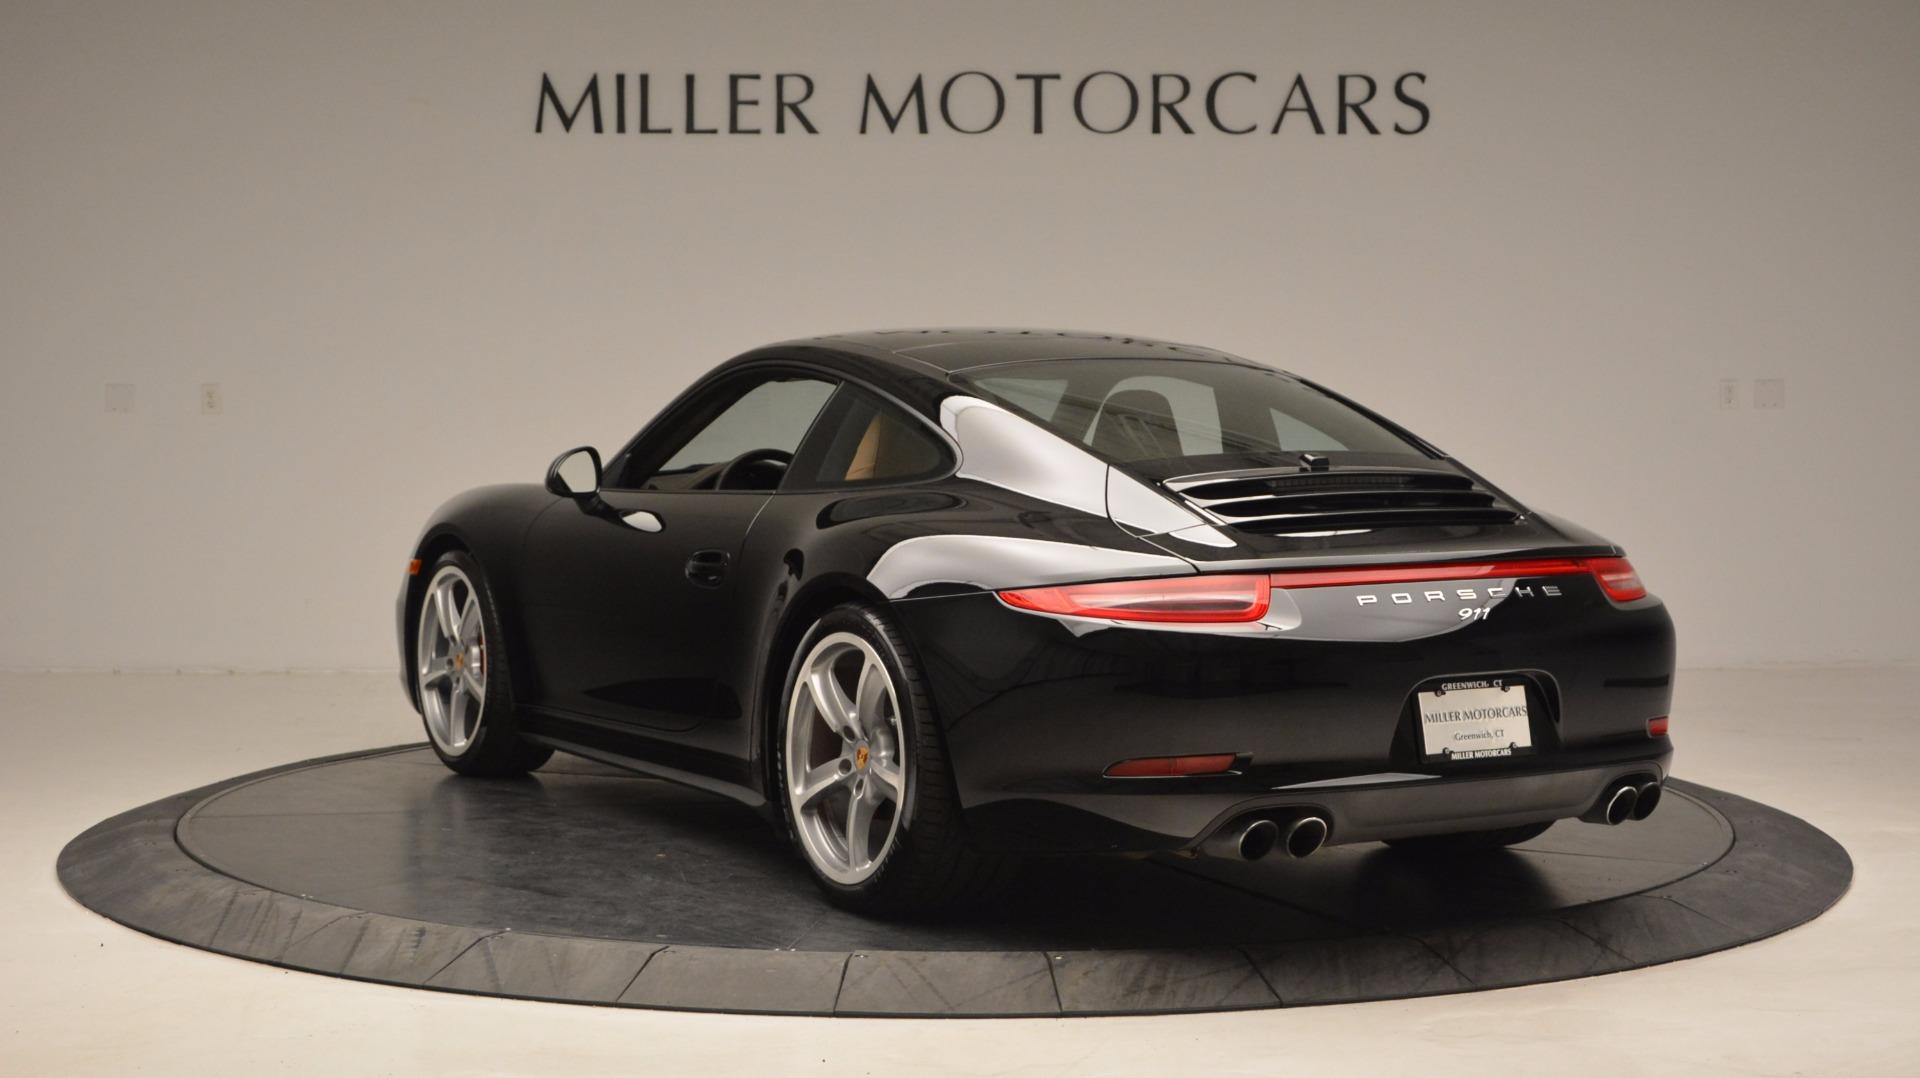 Used 2014 Porsche 911 Carrera 4S For Sale In Greenwich, CT 1076_p5